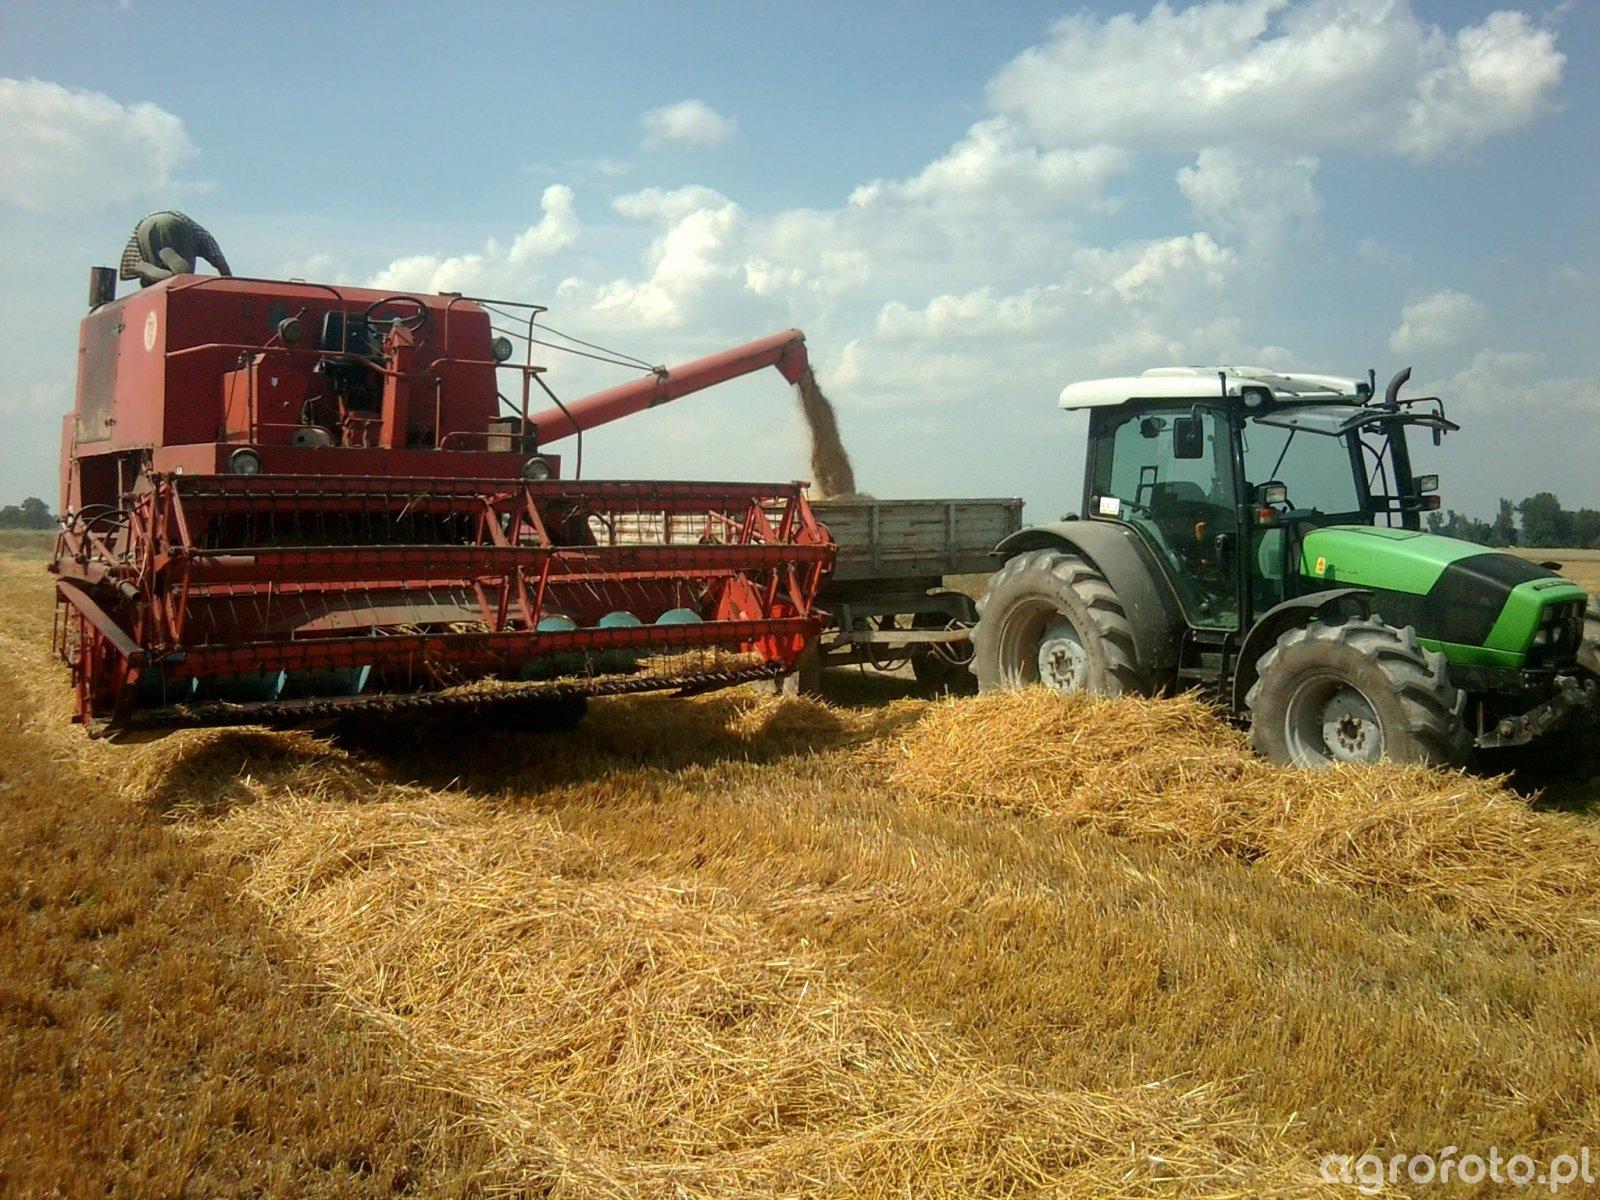 Deutz-Fahr Agrofarm 430 i Autosan D-55 oraz Bizon Z056